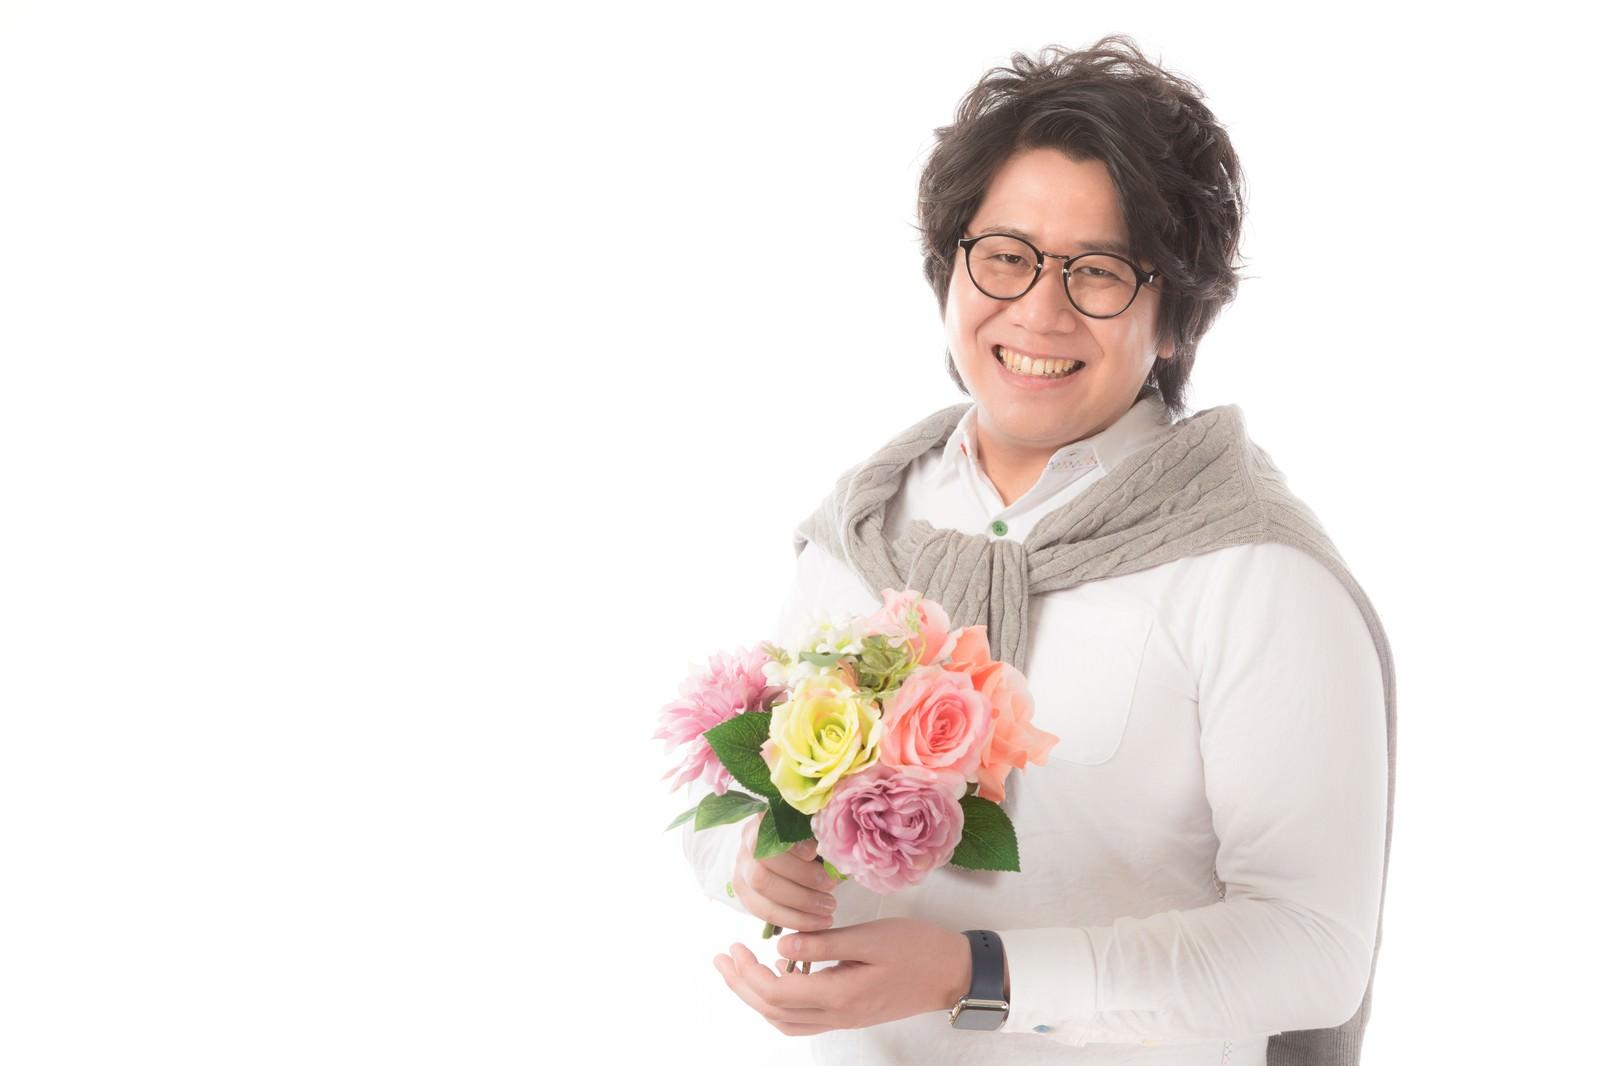 「母の日に花をプレゼントする大手広告代理店勤務」の写真[モデル:あまのじゃく]